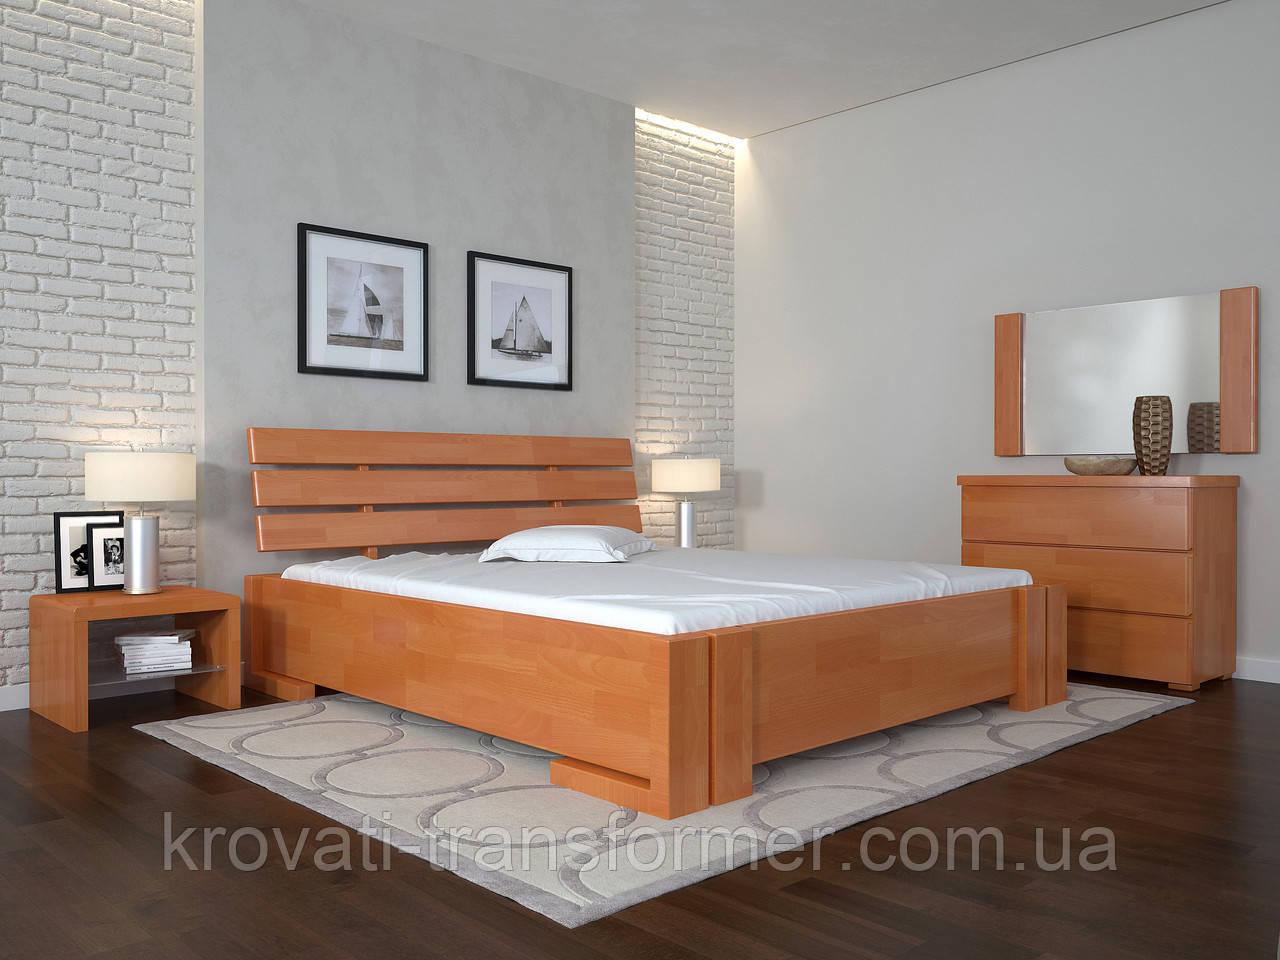 Кровать Arbordrev Домино без ПМ (140*200) сосна